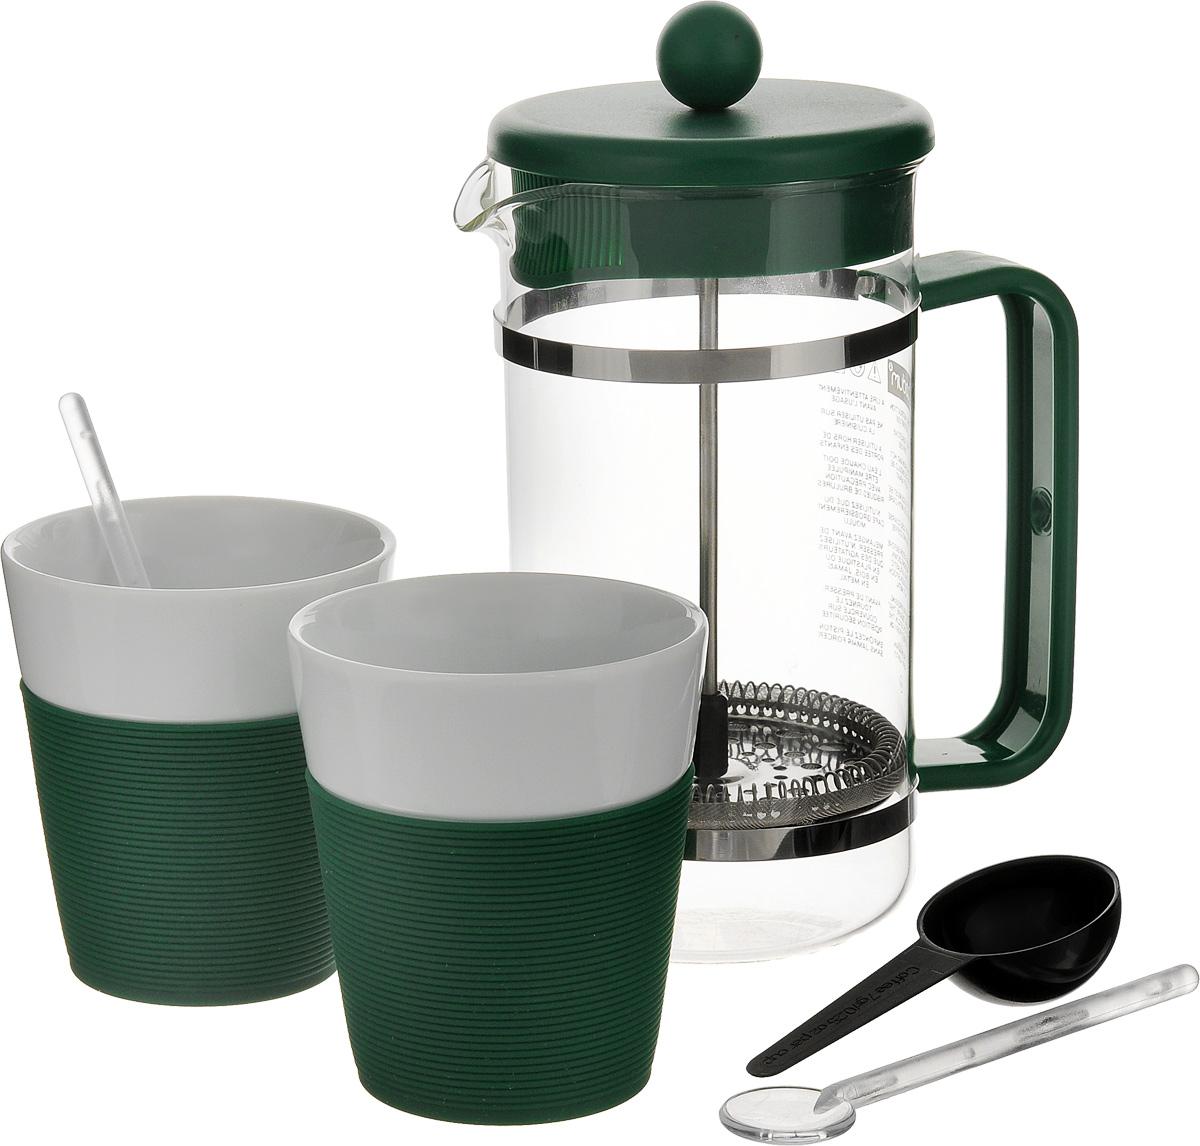 Набор кофейный Bodum Bistro, цвет: зеленый, белый, 5 предметов. AK1508-XY-Y15AK1508-XY-Y15_зеленыйКофейный набор Bodum Bistro состоит из чайника френч-пресса, 2 стаканов и 2 ложек. Френч-пресс выполнен из высококачественного жаропрочного стекла, нержавеющей стали и пластика. Френч-пресс - это заварочный чайник, который поможет быстро приготовить вкусный и ароматный чай или кофе. Металлический нержавеющий фильтр задерживает чайные листочки и частички зерен кофе. Засыпая чайную заварку или кофе под фильтр, заливая горячей водой, вы получаете ароматный напиток с оптимальной крепостью и насыщенностью. Остановить процесс заваривания легко, для этого нужно просто опустить поршень, и все уйдет вниз, оставляя сверху напиток, готовый к употреблению. Для френч-пресса предусмотрена специальная пластиковая ложечка. Элегантные стаканы выполнены из высококачественного фарфора и оснащены резиновой вставкой, защищающей ваши руки от высоких температур. В комплекте - 2 мерные ложечки, выполненные из пластика. Яркий и стильный набор украсит стол к...